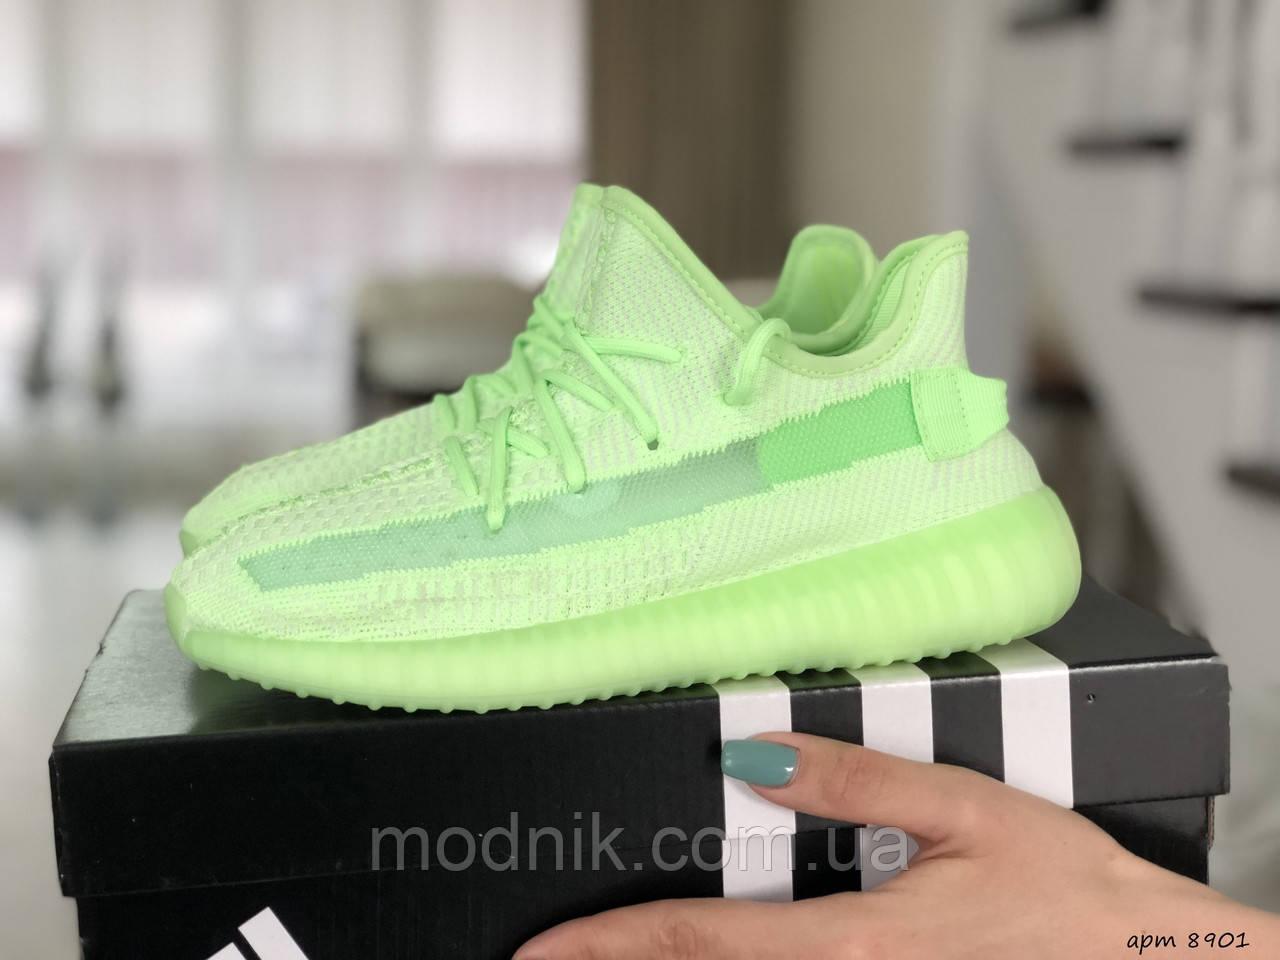 Женские кроссовки Adidas x Yeezy Boost (салатовые)